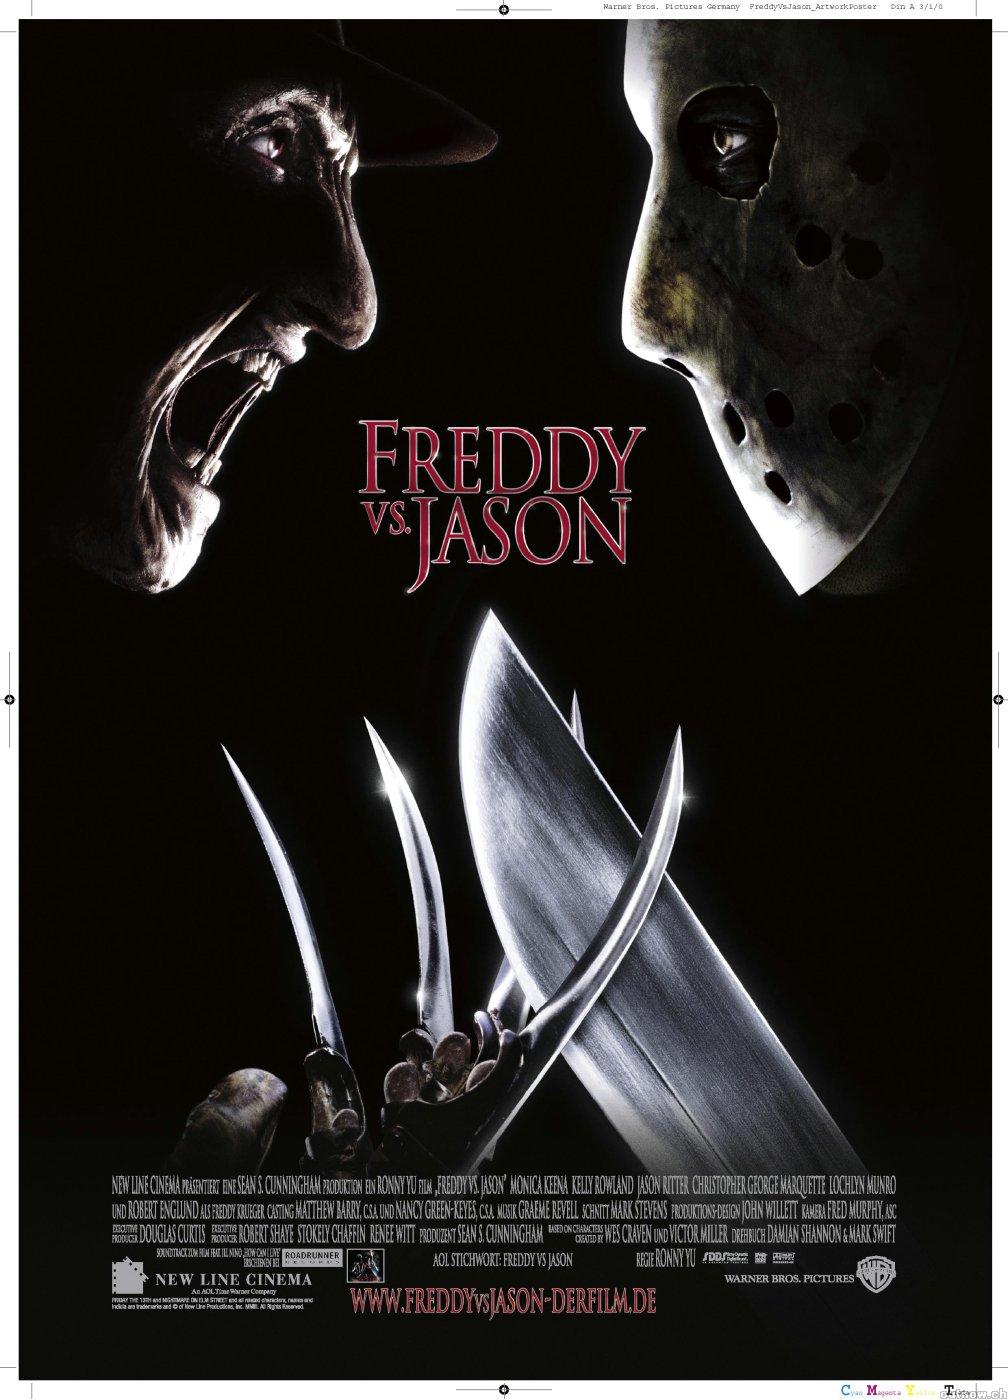 Freddy vs. Jason | Movie fanart | fanart.tv